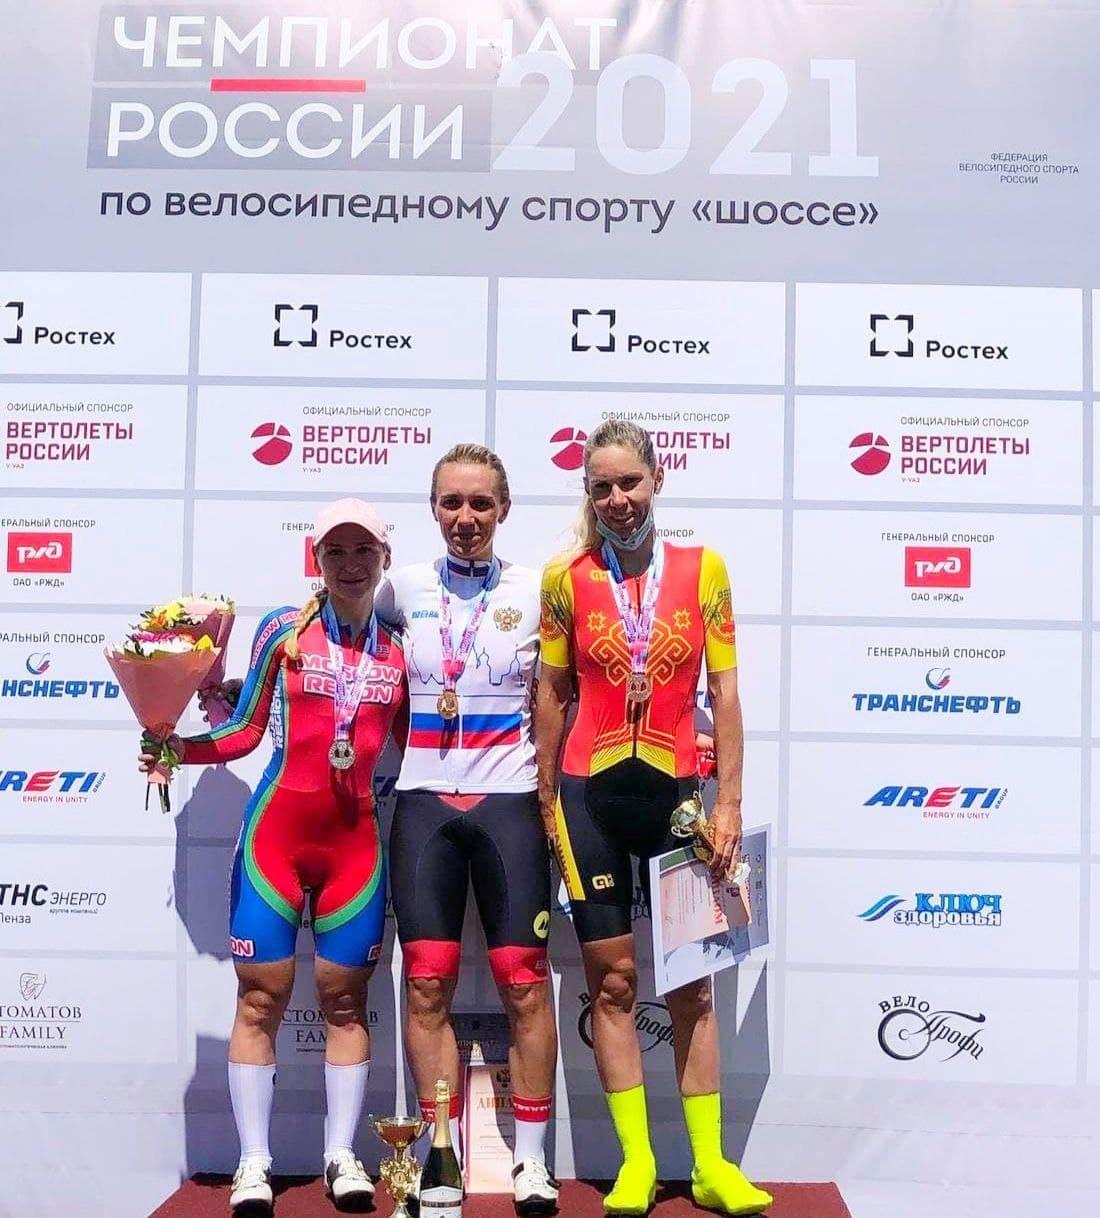 Подмосковная велоспортсменка стала серебряным призёром чемпионата России